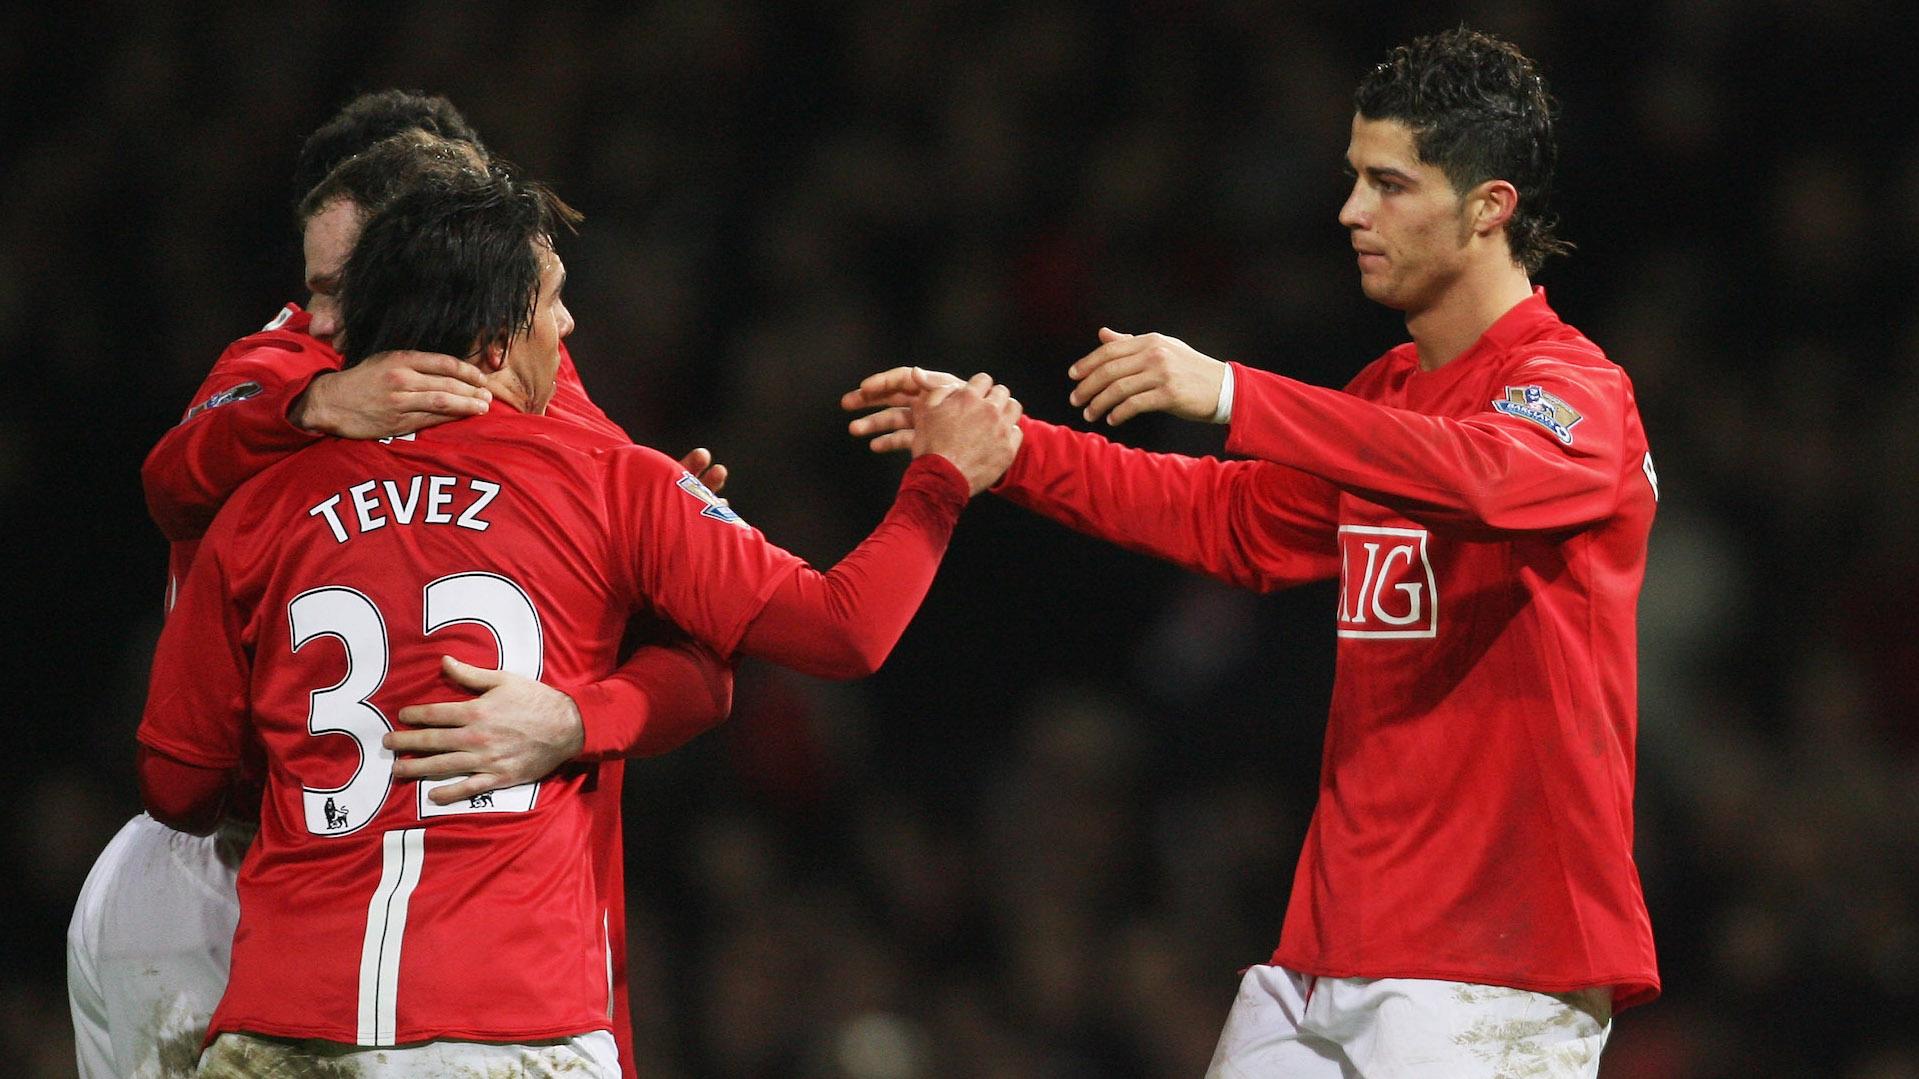 Carlos Tevez and Cristiano Ronaldo